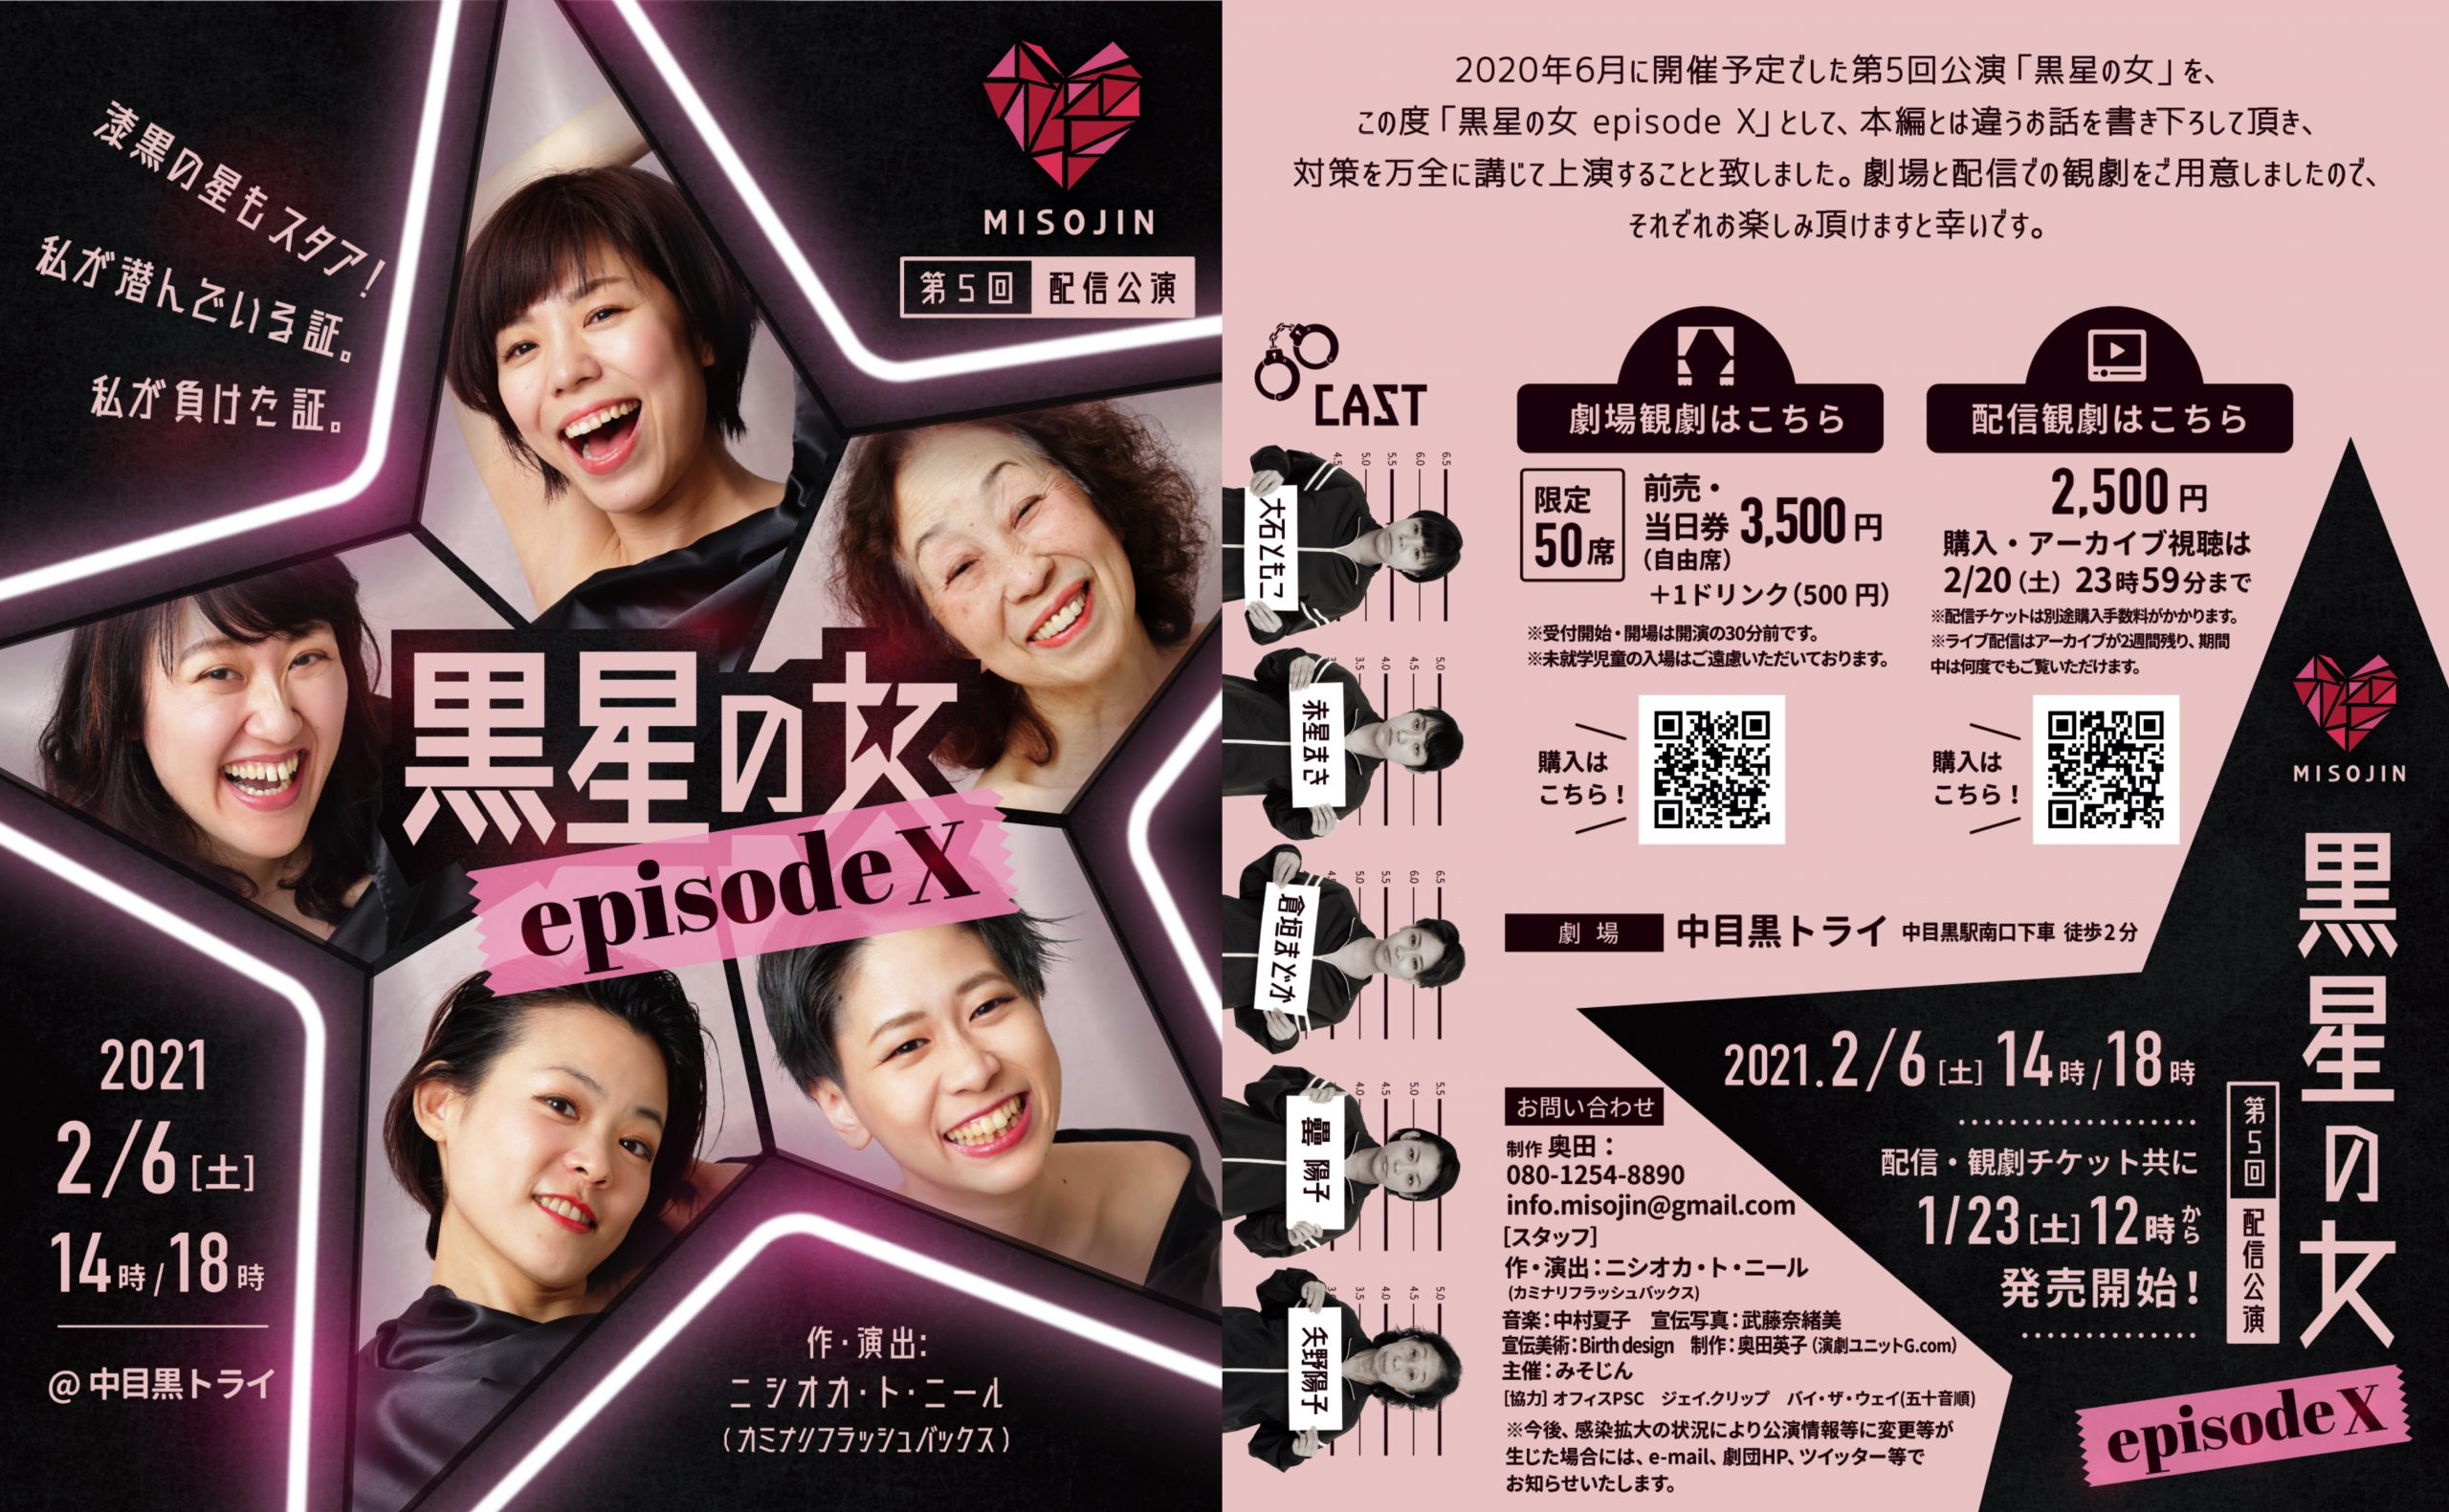 第5回配信公演「黒星の女 episode X」